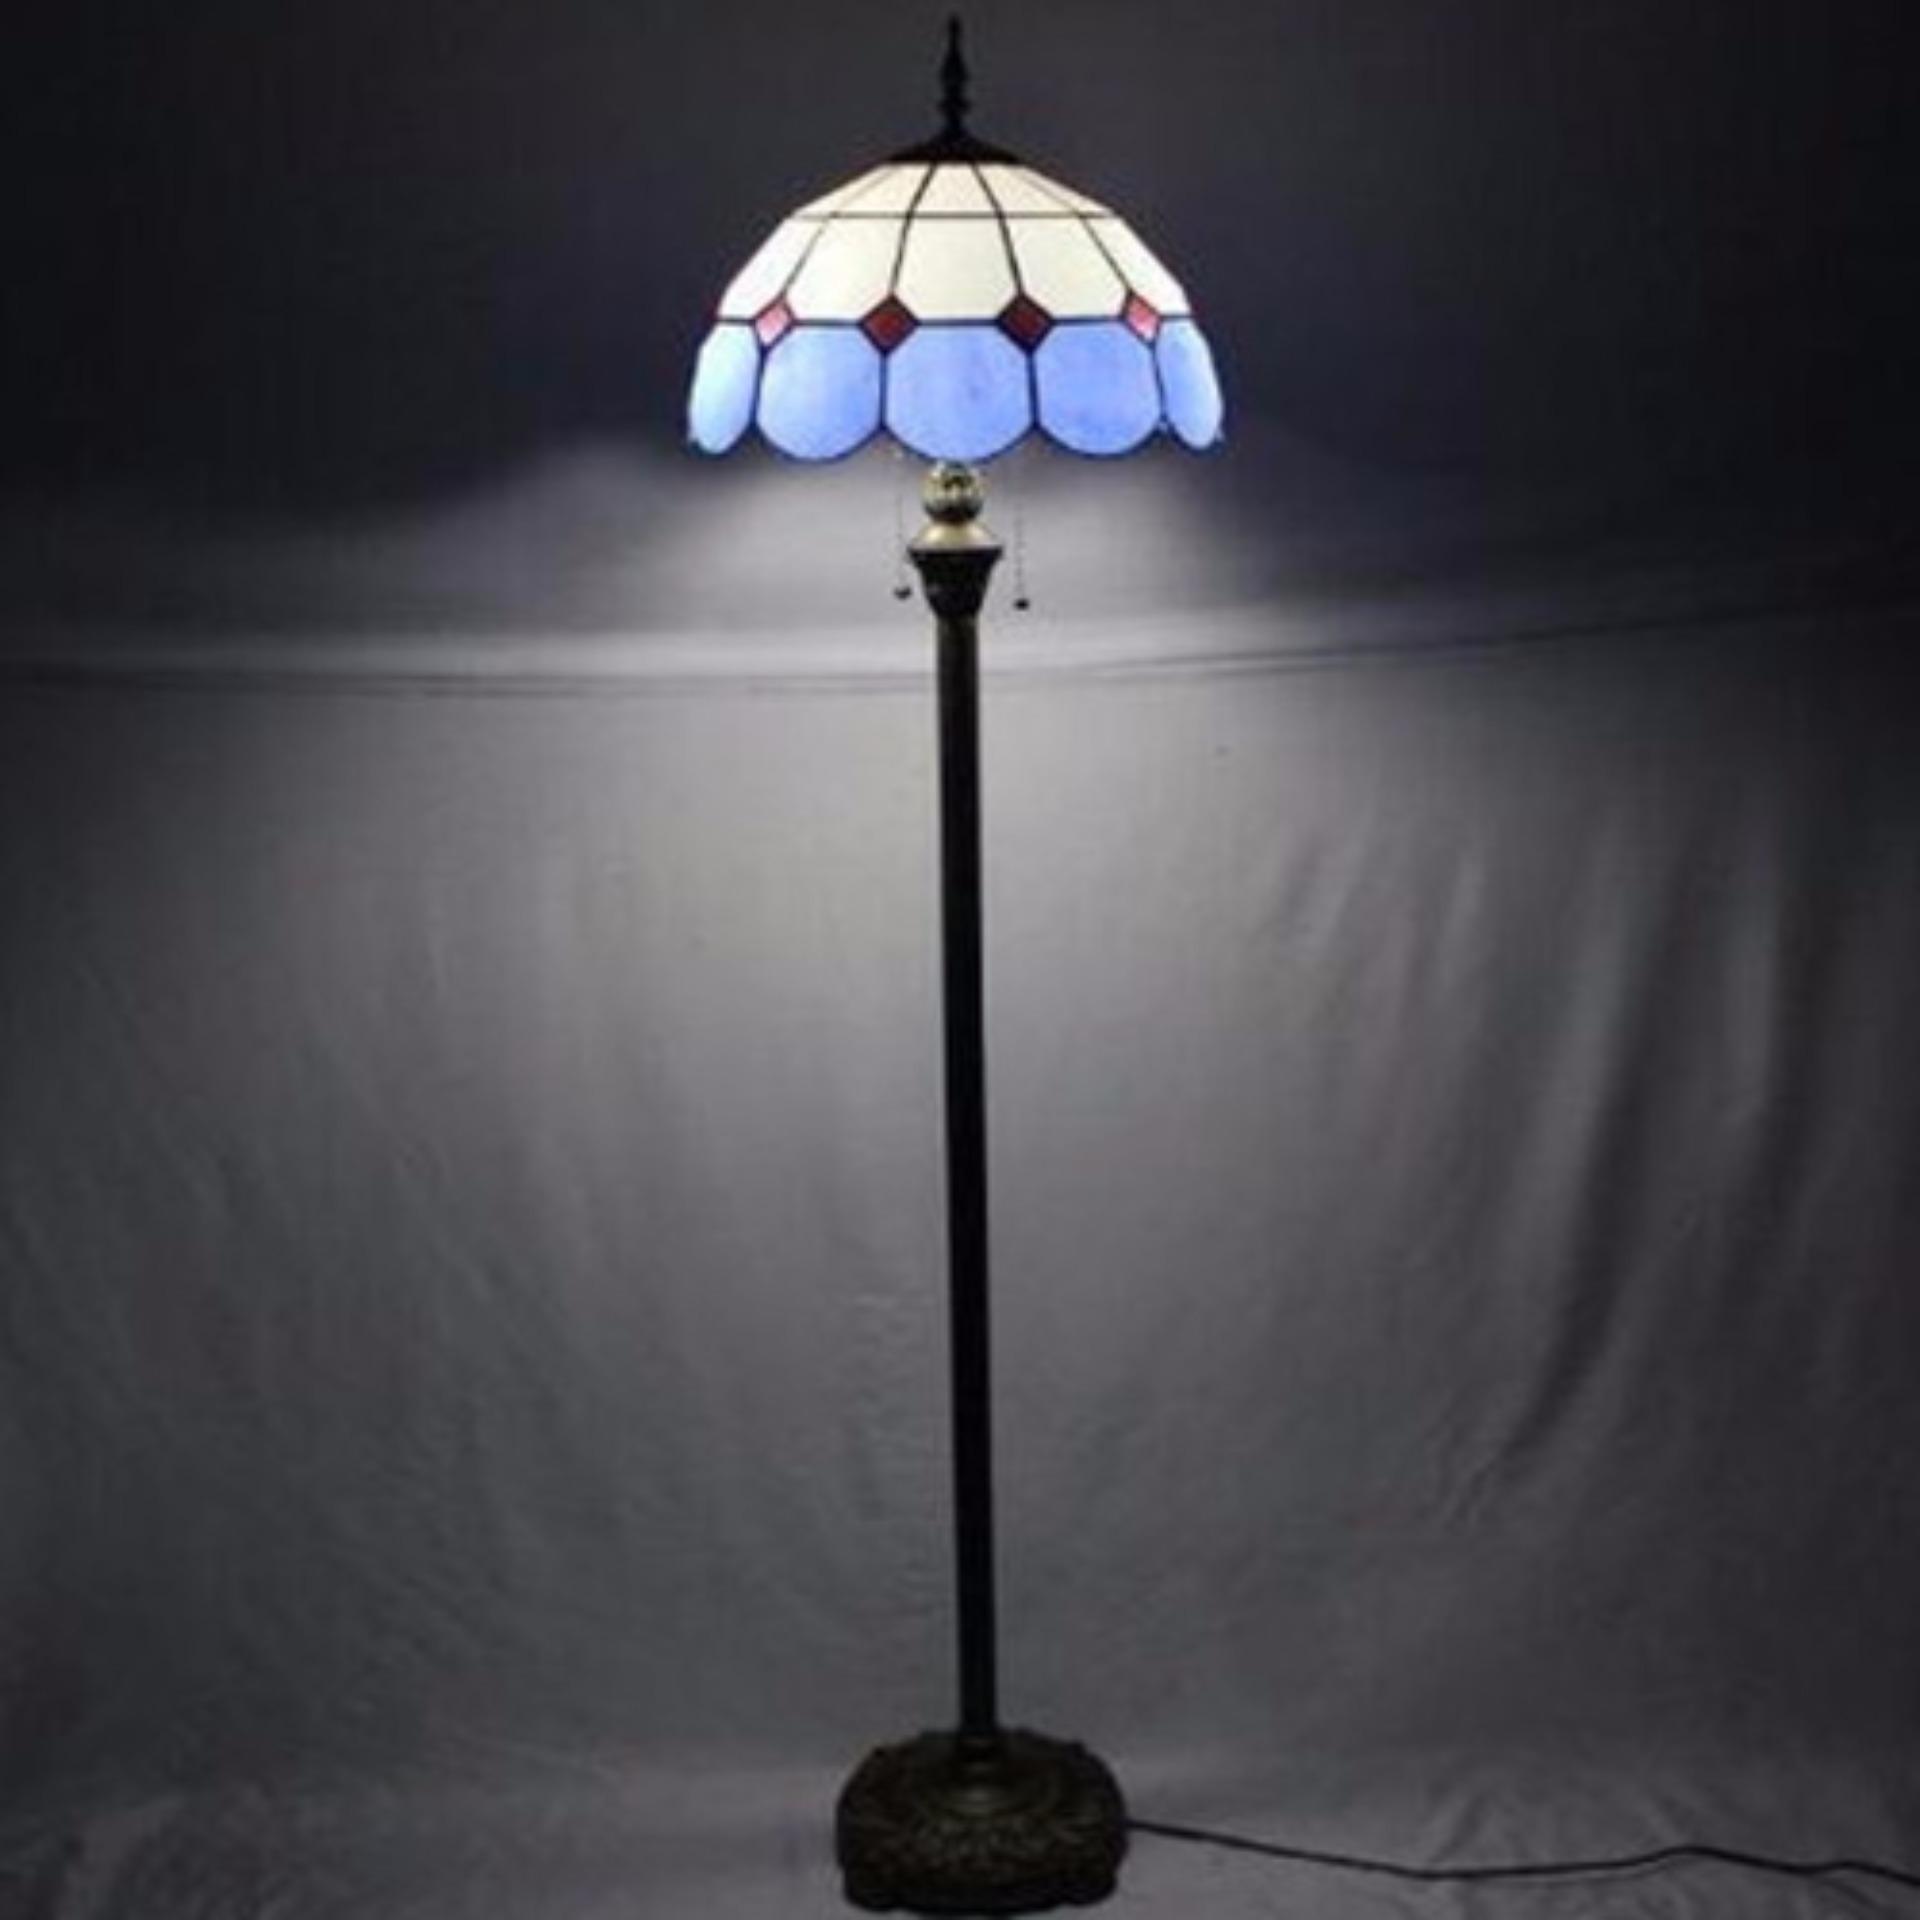 Báo Giá Đèn cây kiểu dáng Tiffany phong cách Blue Sea